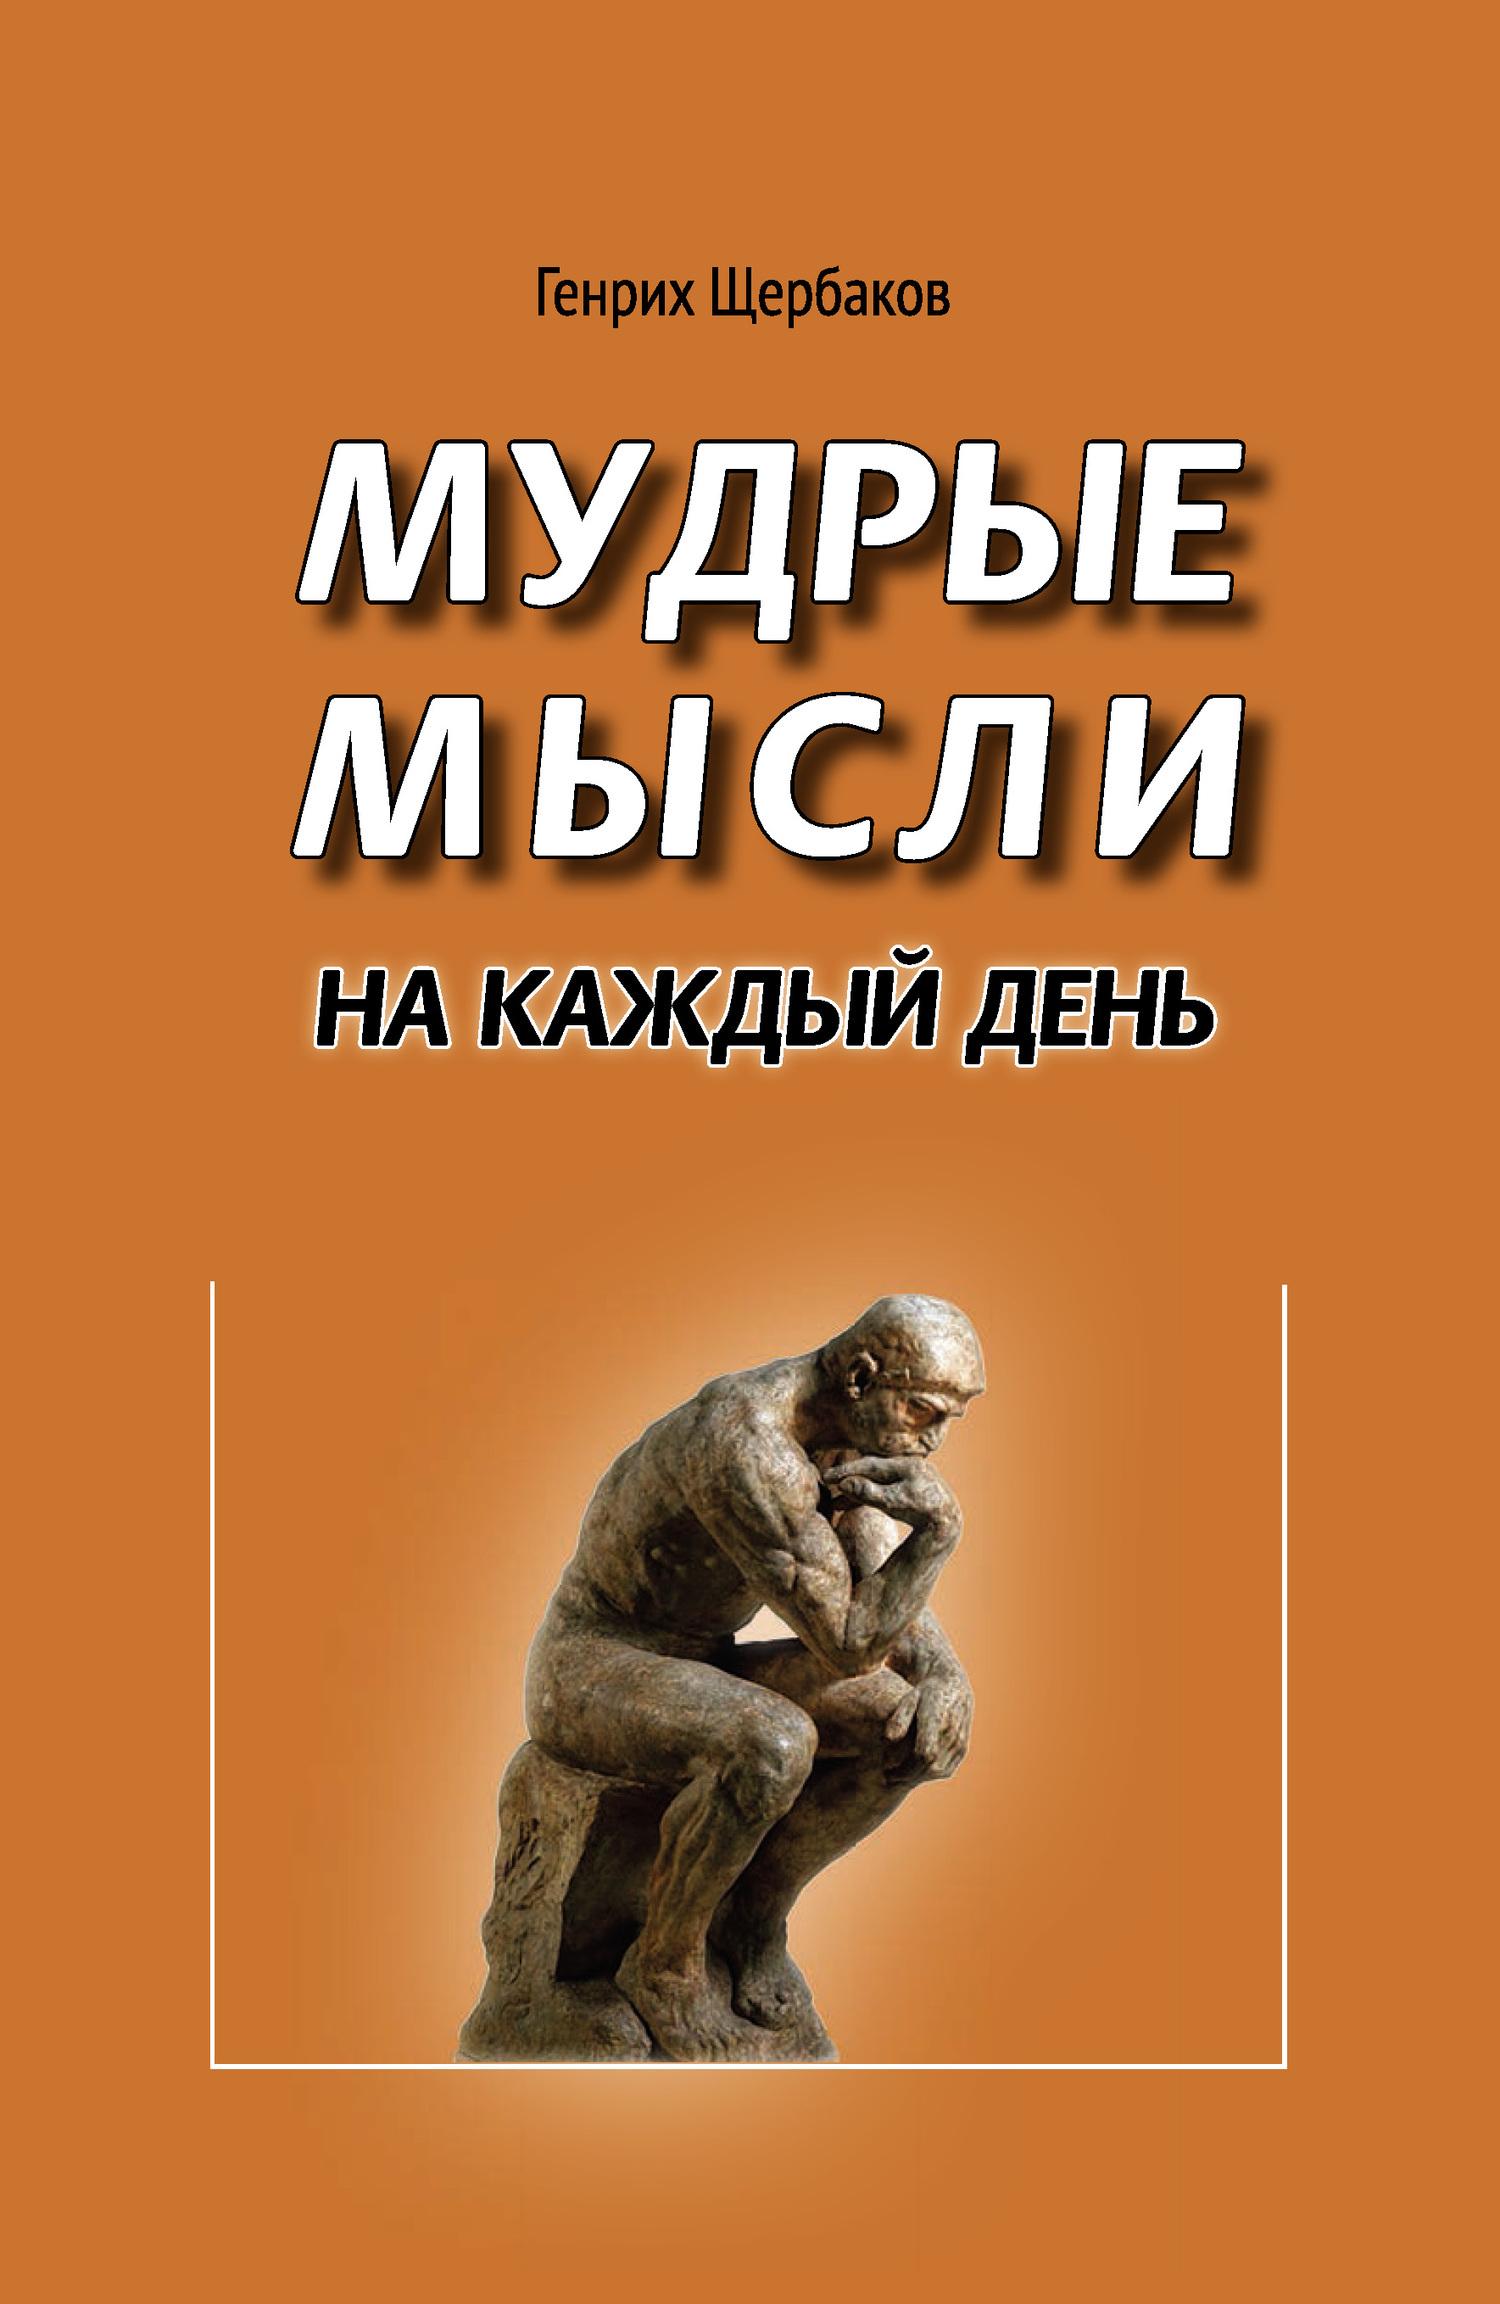 Генрих Щербаков - Мудрые мысли на каждый день